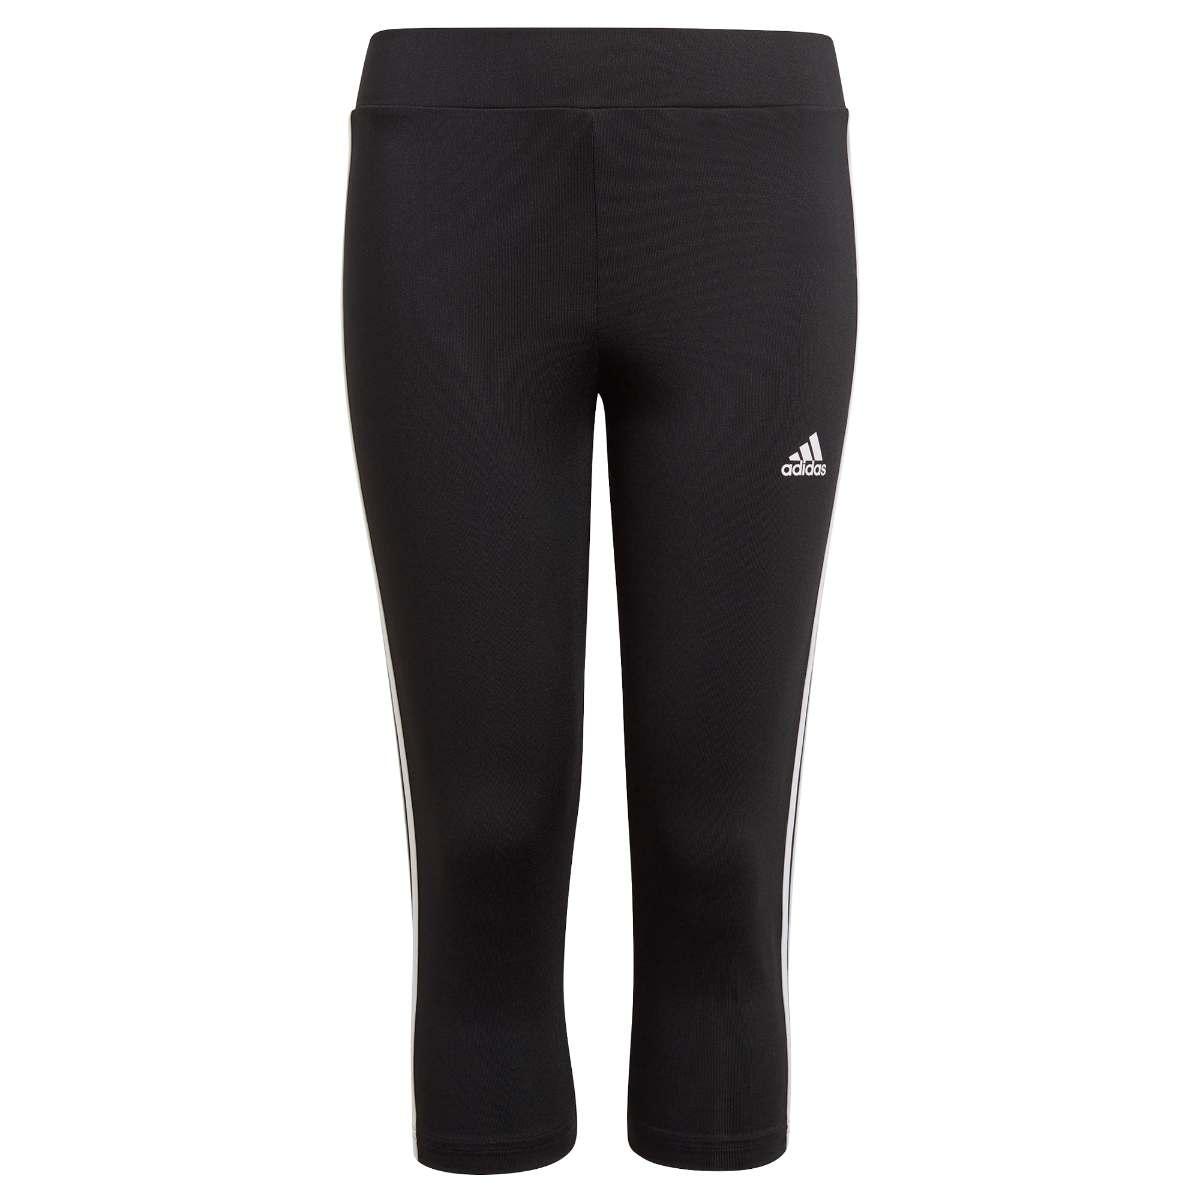 Adidas Meisjes Capri meisjes tight